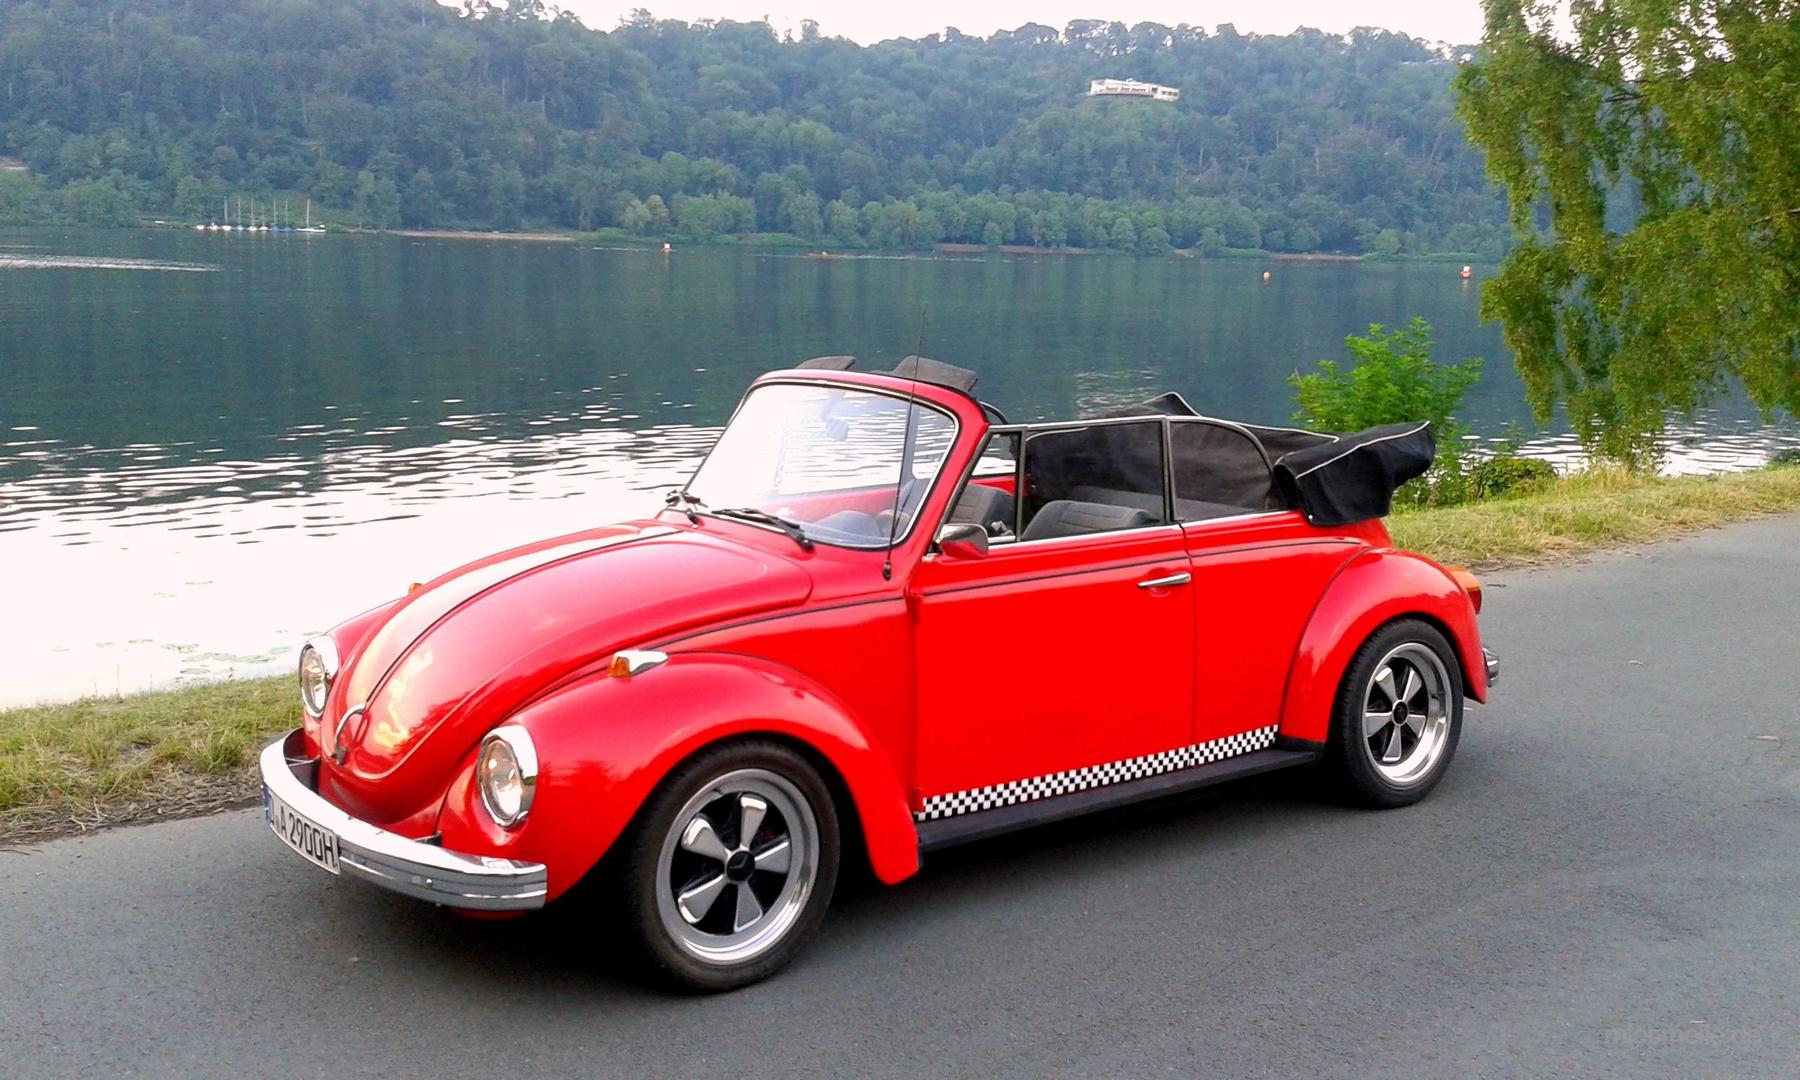 Oldtimer mieten & vermieten - Hochzeitsauto, Oldtimer VW Käfer Cabrio mieten in Düsseldorf